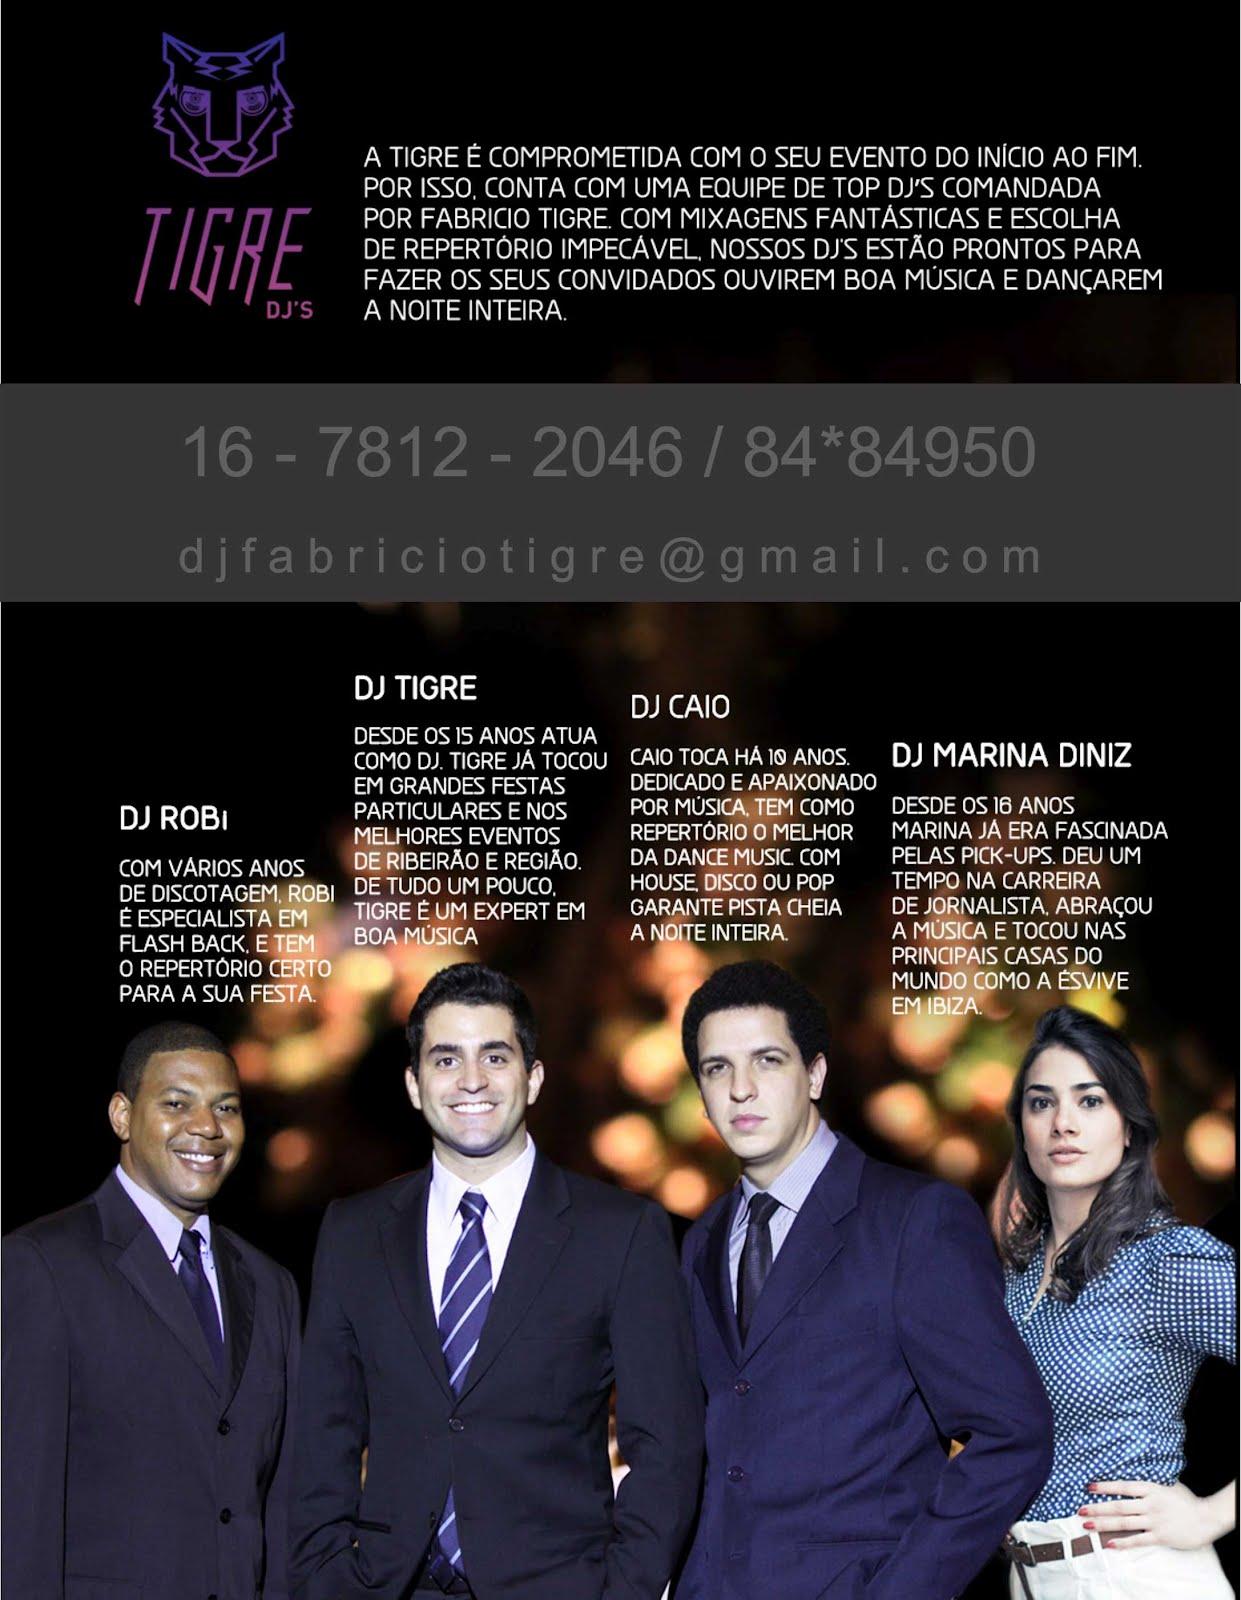 SITE EM MANUTENÇÃO 16 03 2012